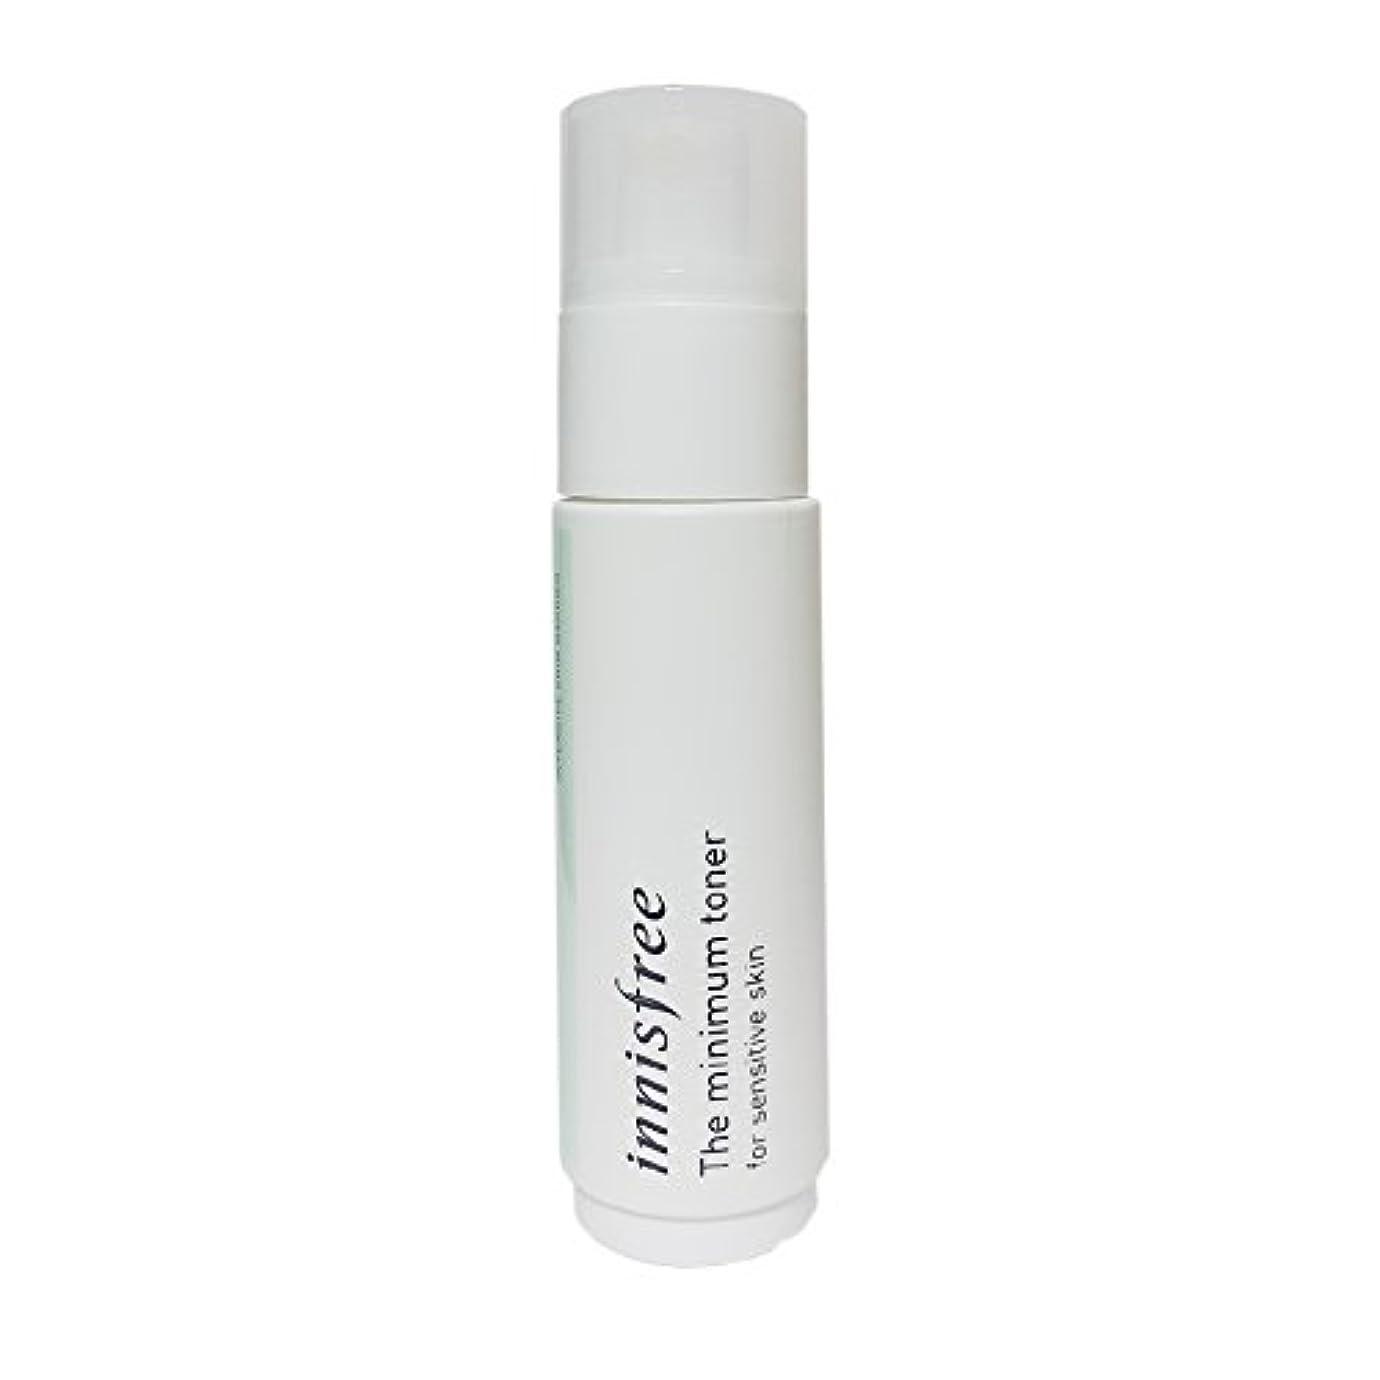 ほうき怪物黄ばむ[イニスフリー] Innisfree ザミニマム トナー敏感肌用(45ml) Innisfree The Minimum Toner For Sensitive Skin(45ml)  [海外直送品]